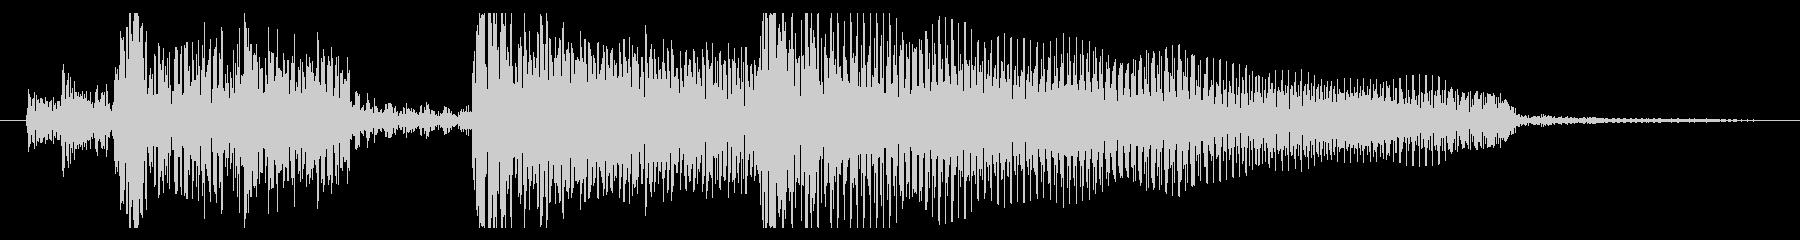 典型的なジャズ(明るめ約4秒)の未再生の波形